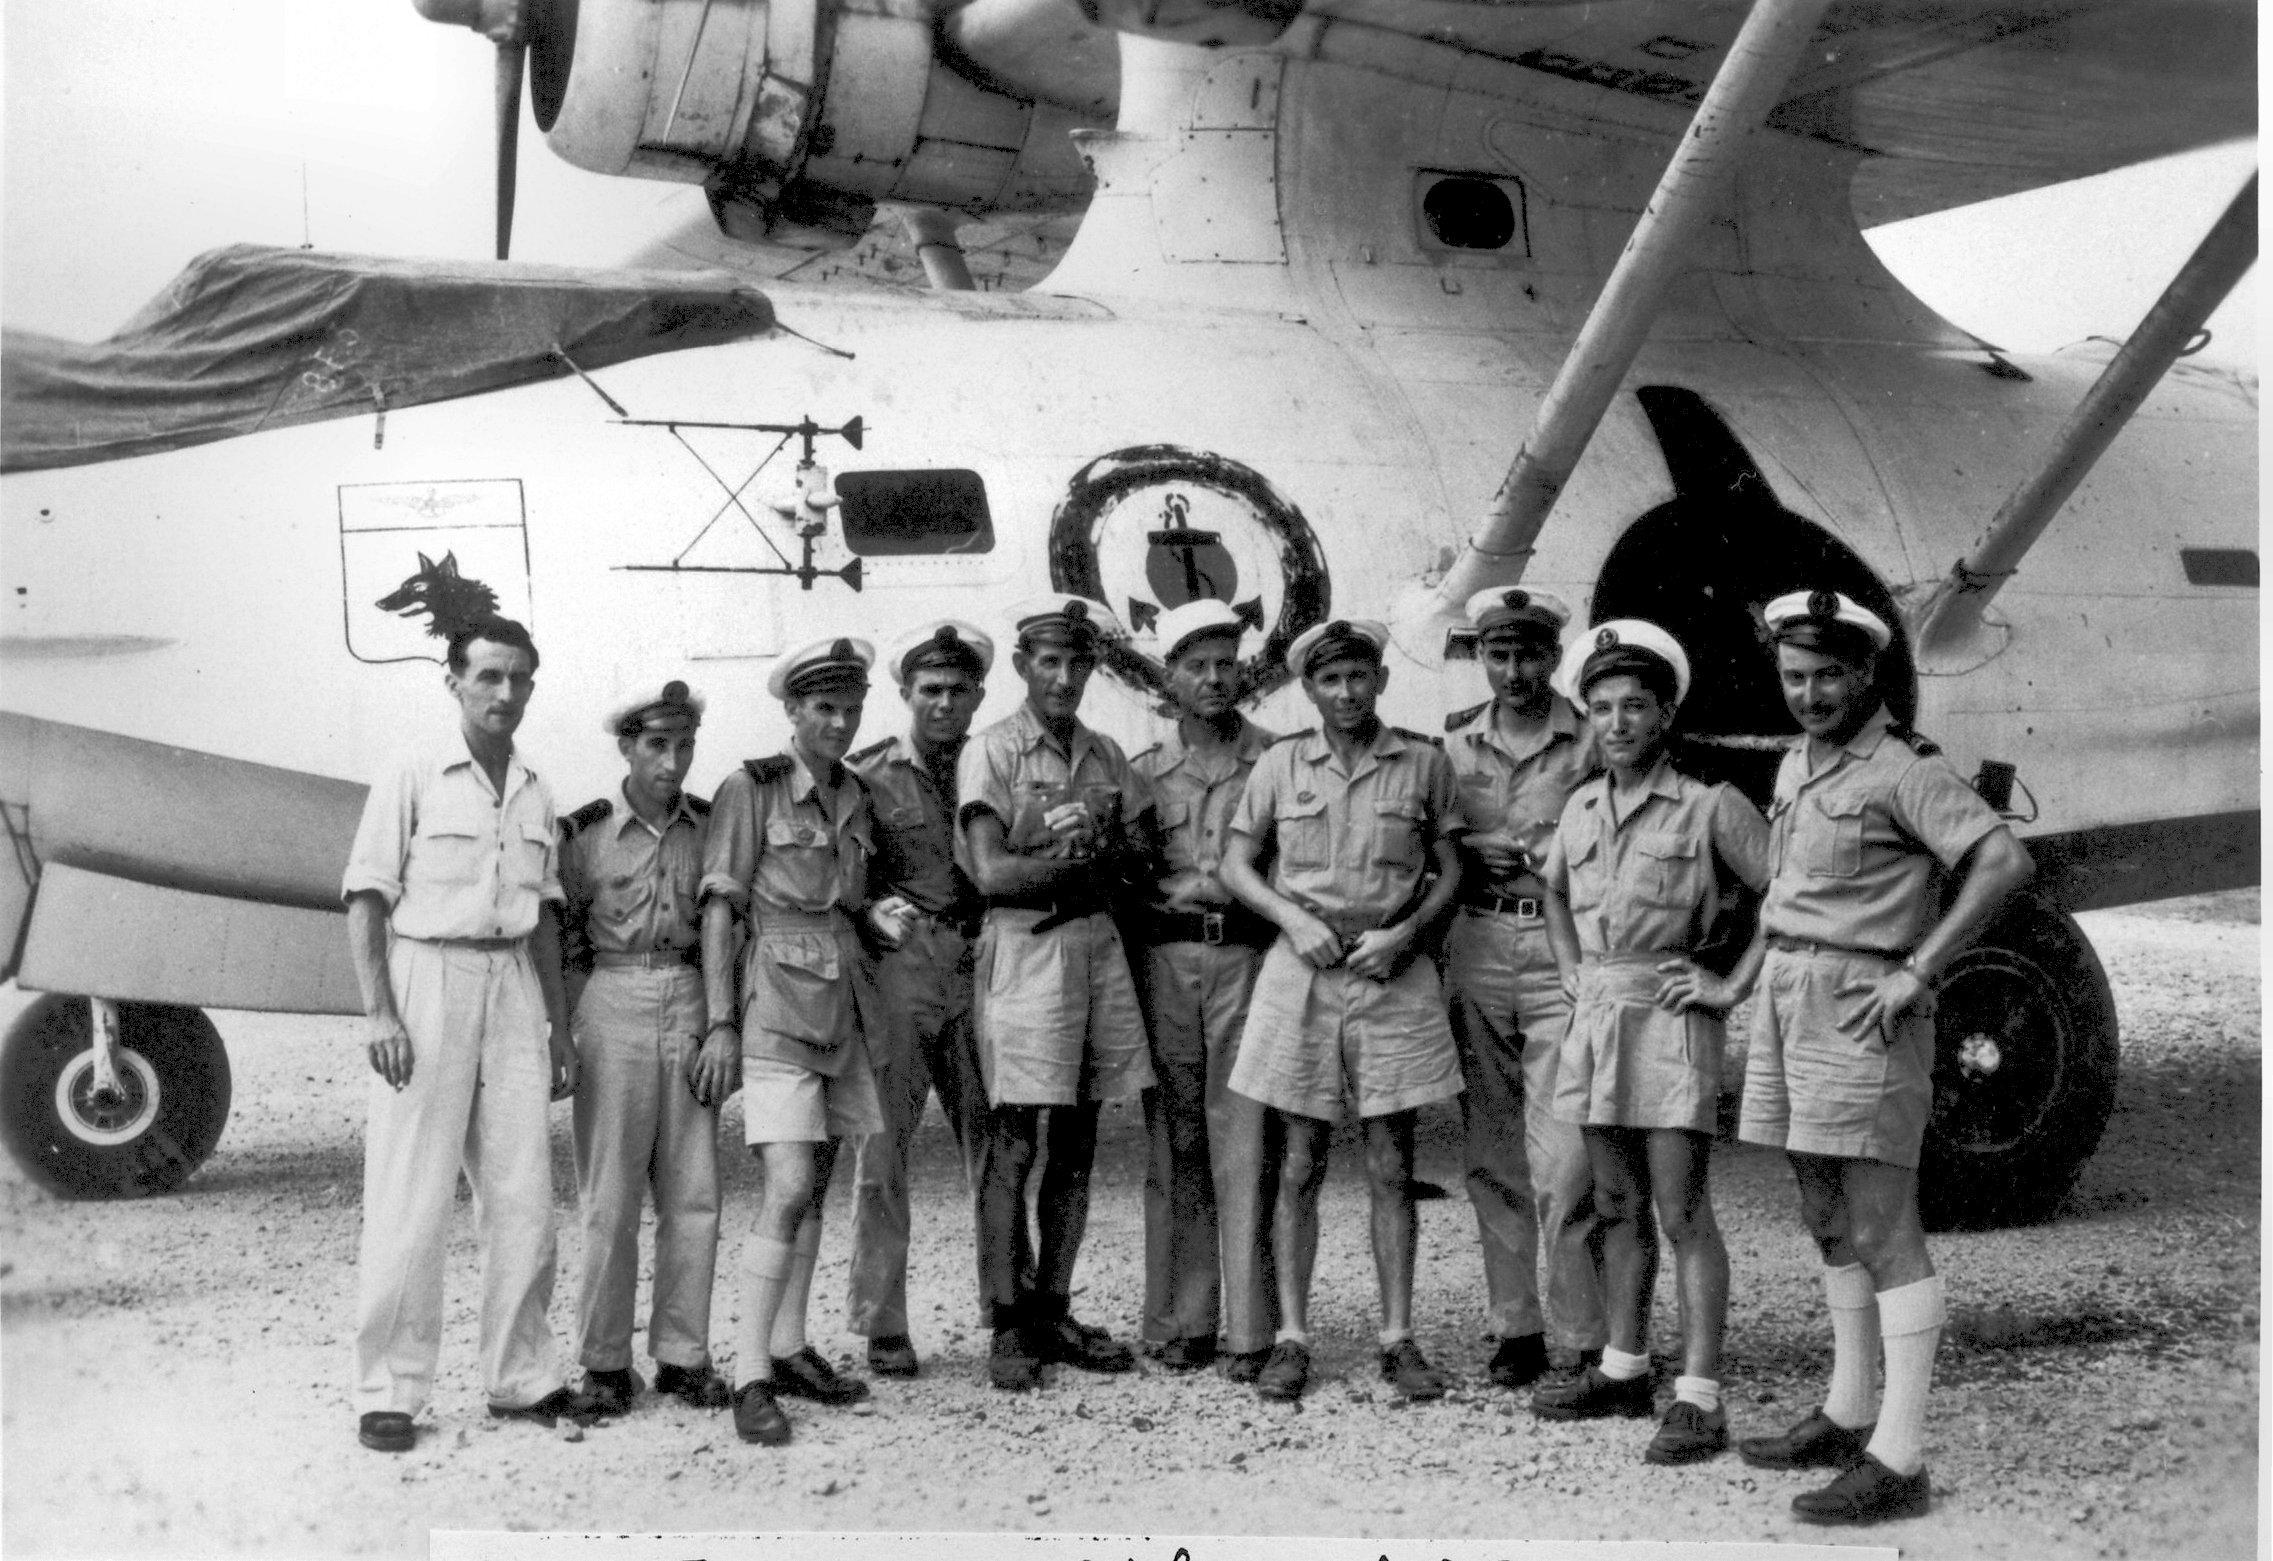 [ Aéronavale divers ] [ 1945-1950 L'histoire des grands oiseaux blancs à tête de loup noir en Indochine 6935341948EquipagedeCatalina